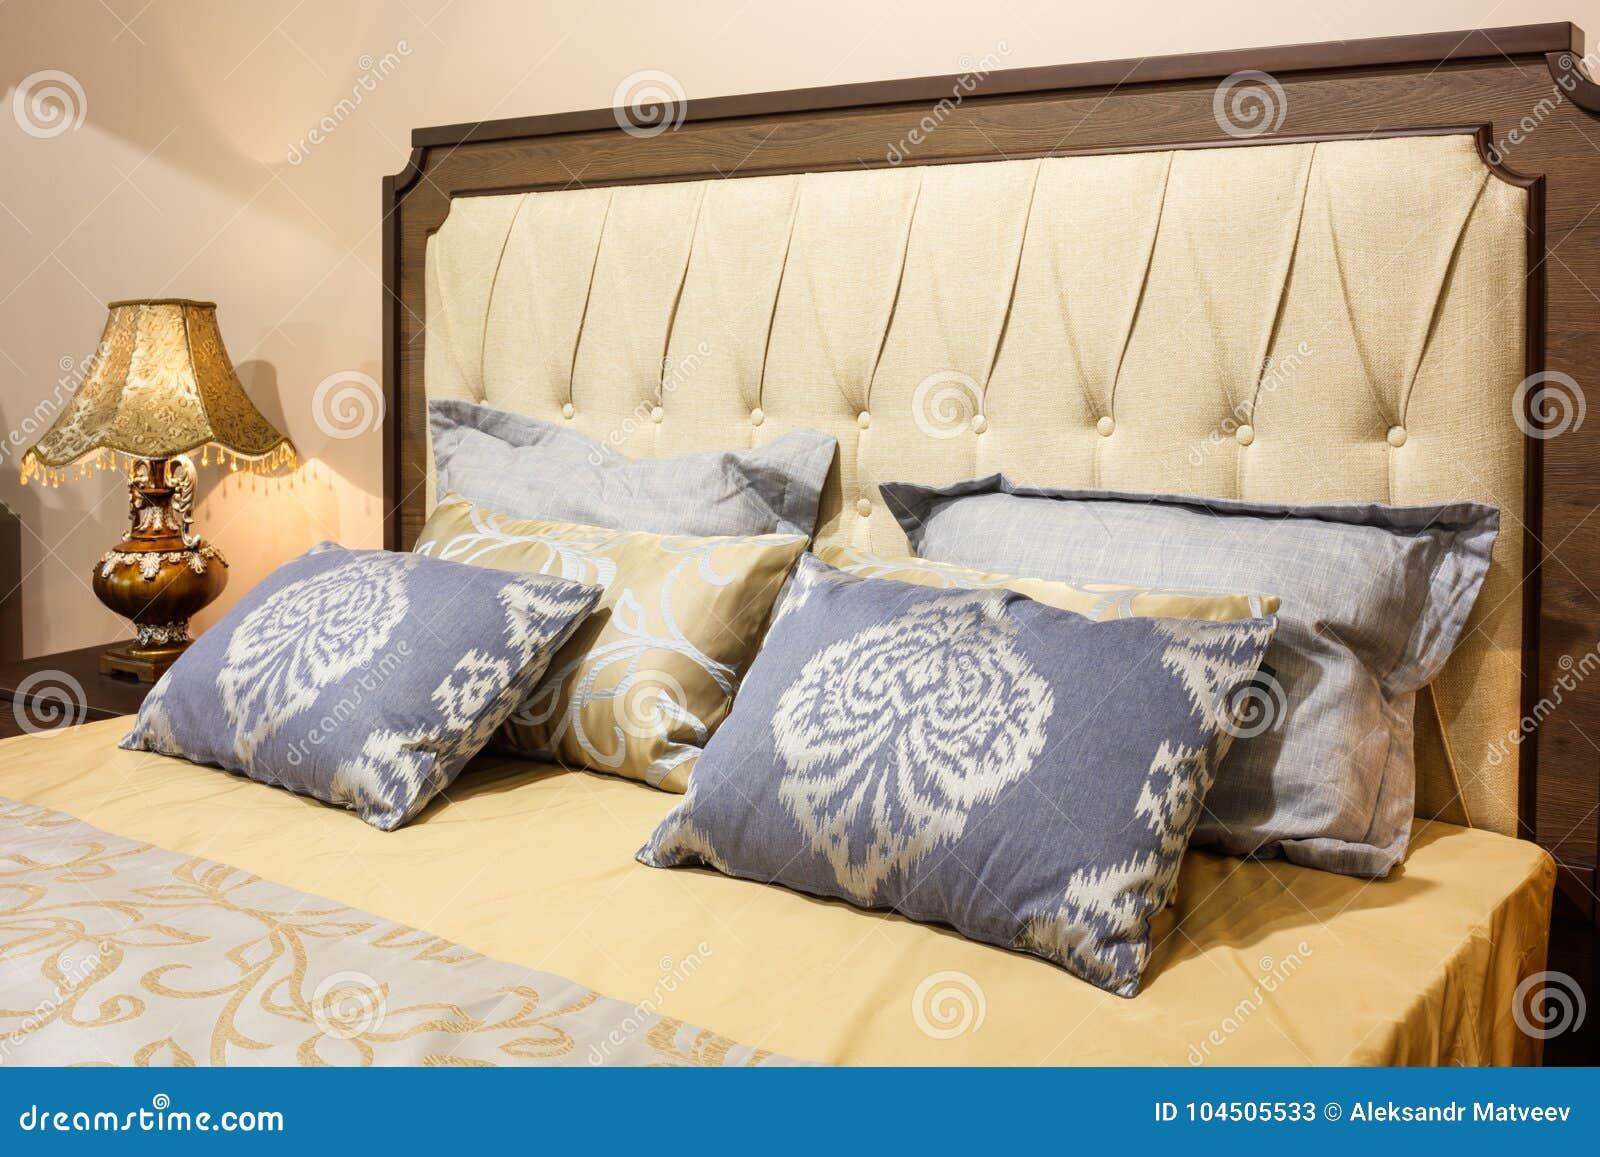 Quarto moderno luxuoso do estilo nos tons amarelos e azuis, interior de um quarto do hotel, coxins com um ornamento do teste padr